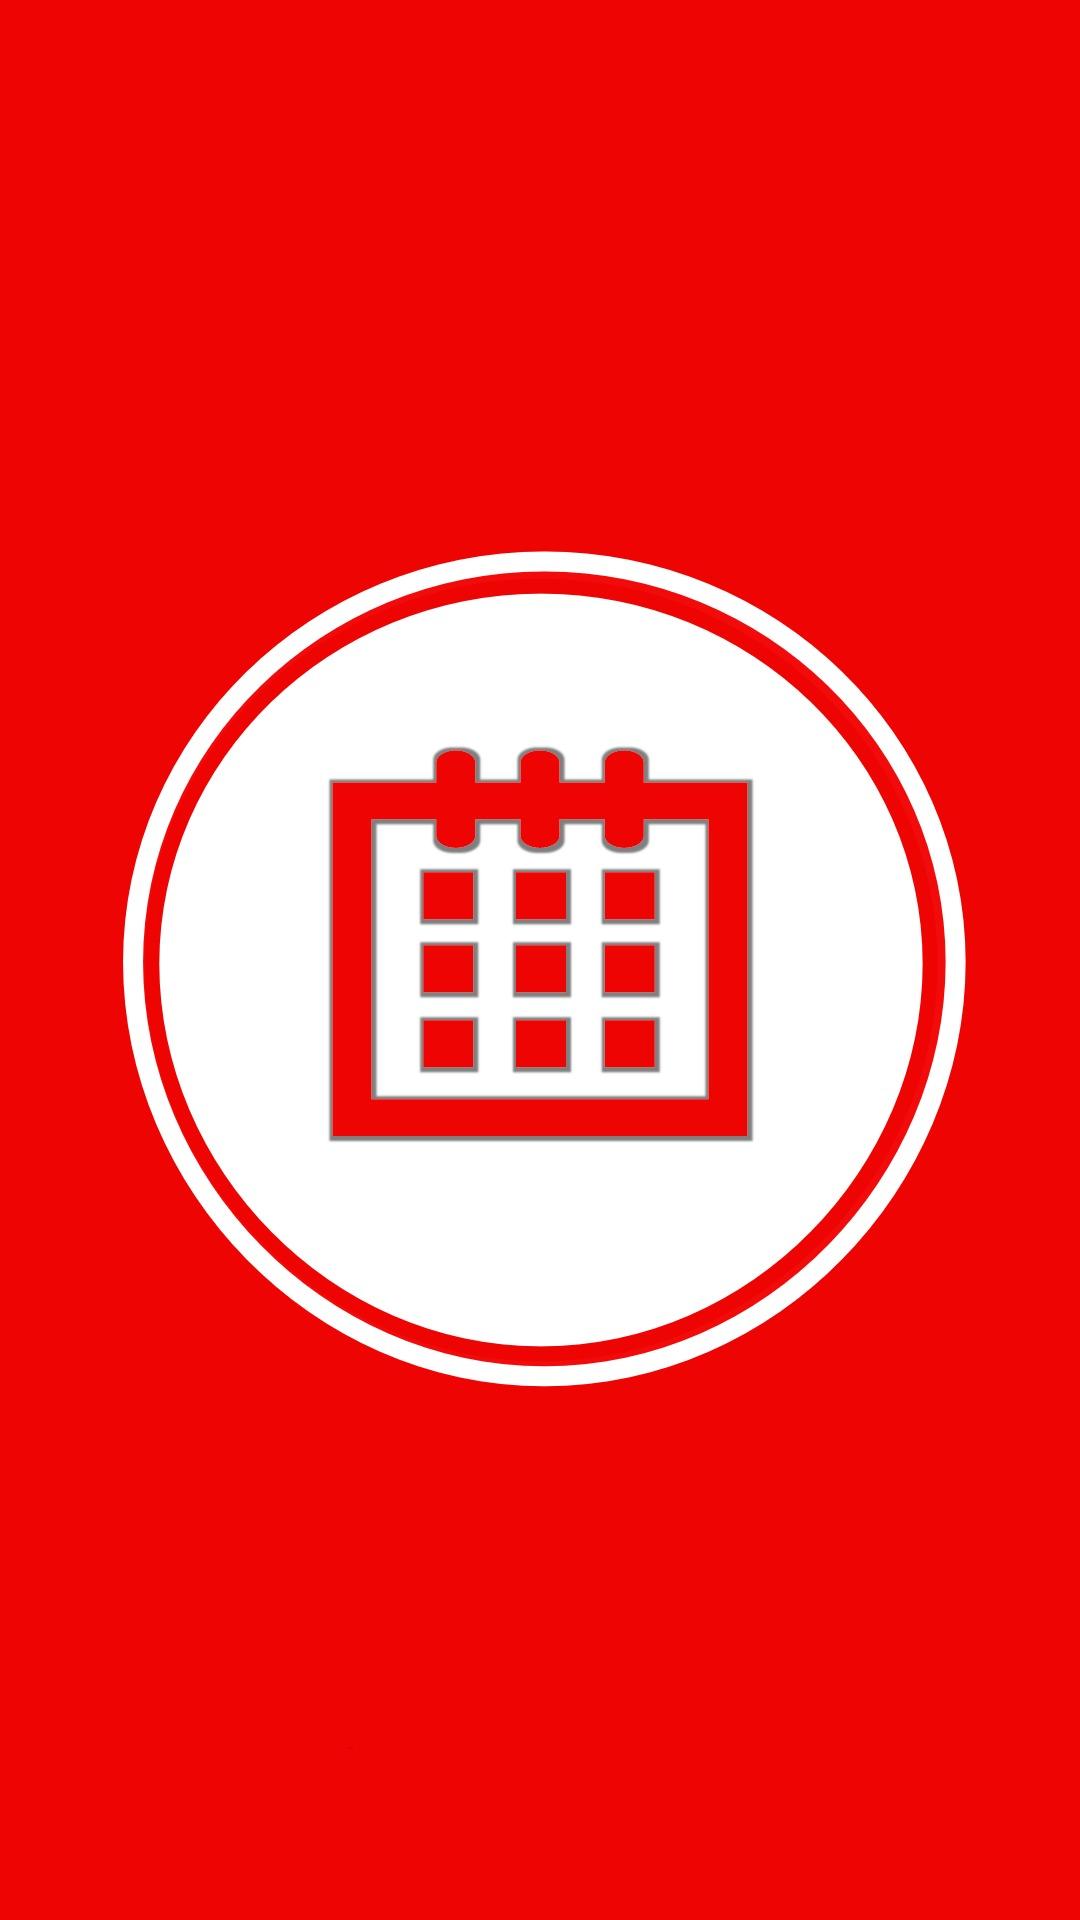 Instagram-cover-calendar-red-lotnotes.com.jpg